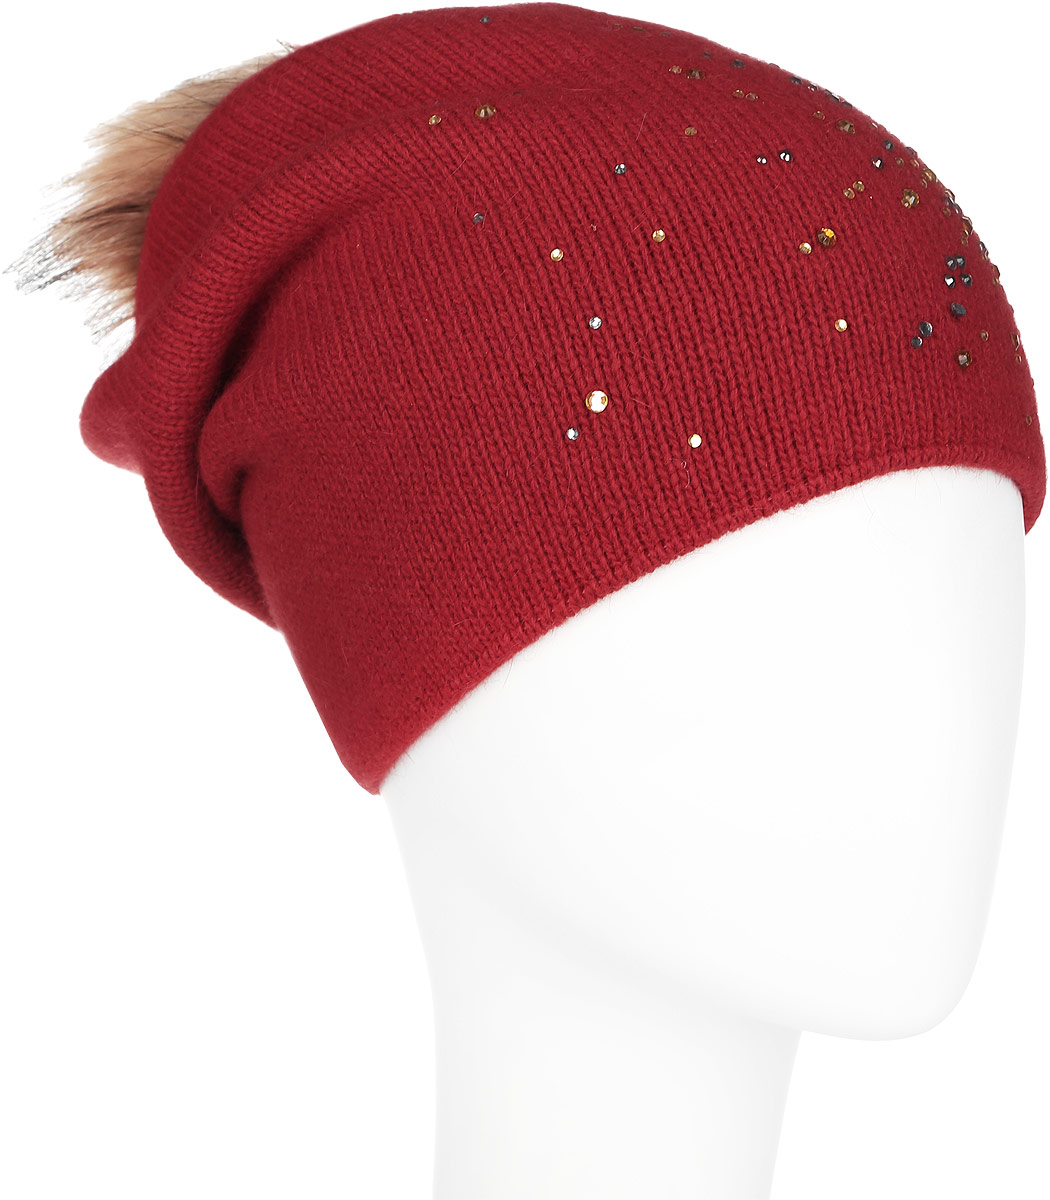 Шапка женская Finn Flare, цвет: темно-красный. A16-12130_317. Размер 56A16-12130_317Стильная женская шапка Finn Flare дополнит ваш наряд и не позволит вам замерзнуть в холодное время года. Шапка выполнена из высококачественной пряжи, что позволяет ей великолепно сохранять тепло и обеспечивает высокую эластичность и удобство посадки. Изделие дополнено тёплой подкладкой.Модель оформлена пушистым помпоном из меха енота и украшена узором из страз. Такая шапка станет модным и стильным дополнением вашего гардероба. Она согреет вас и позволит подчеркнуть свою индивидуальность!